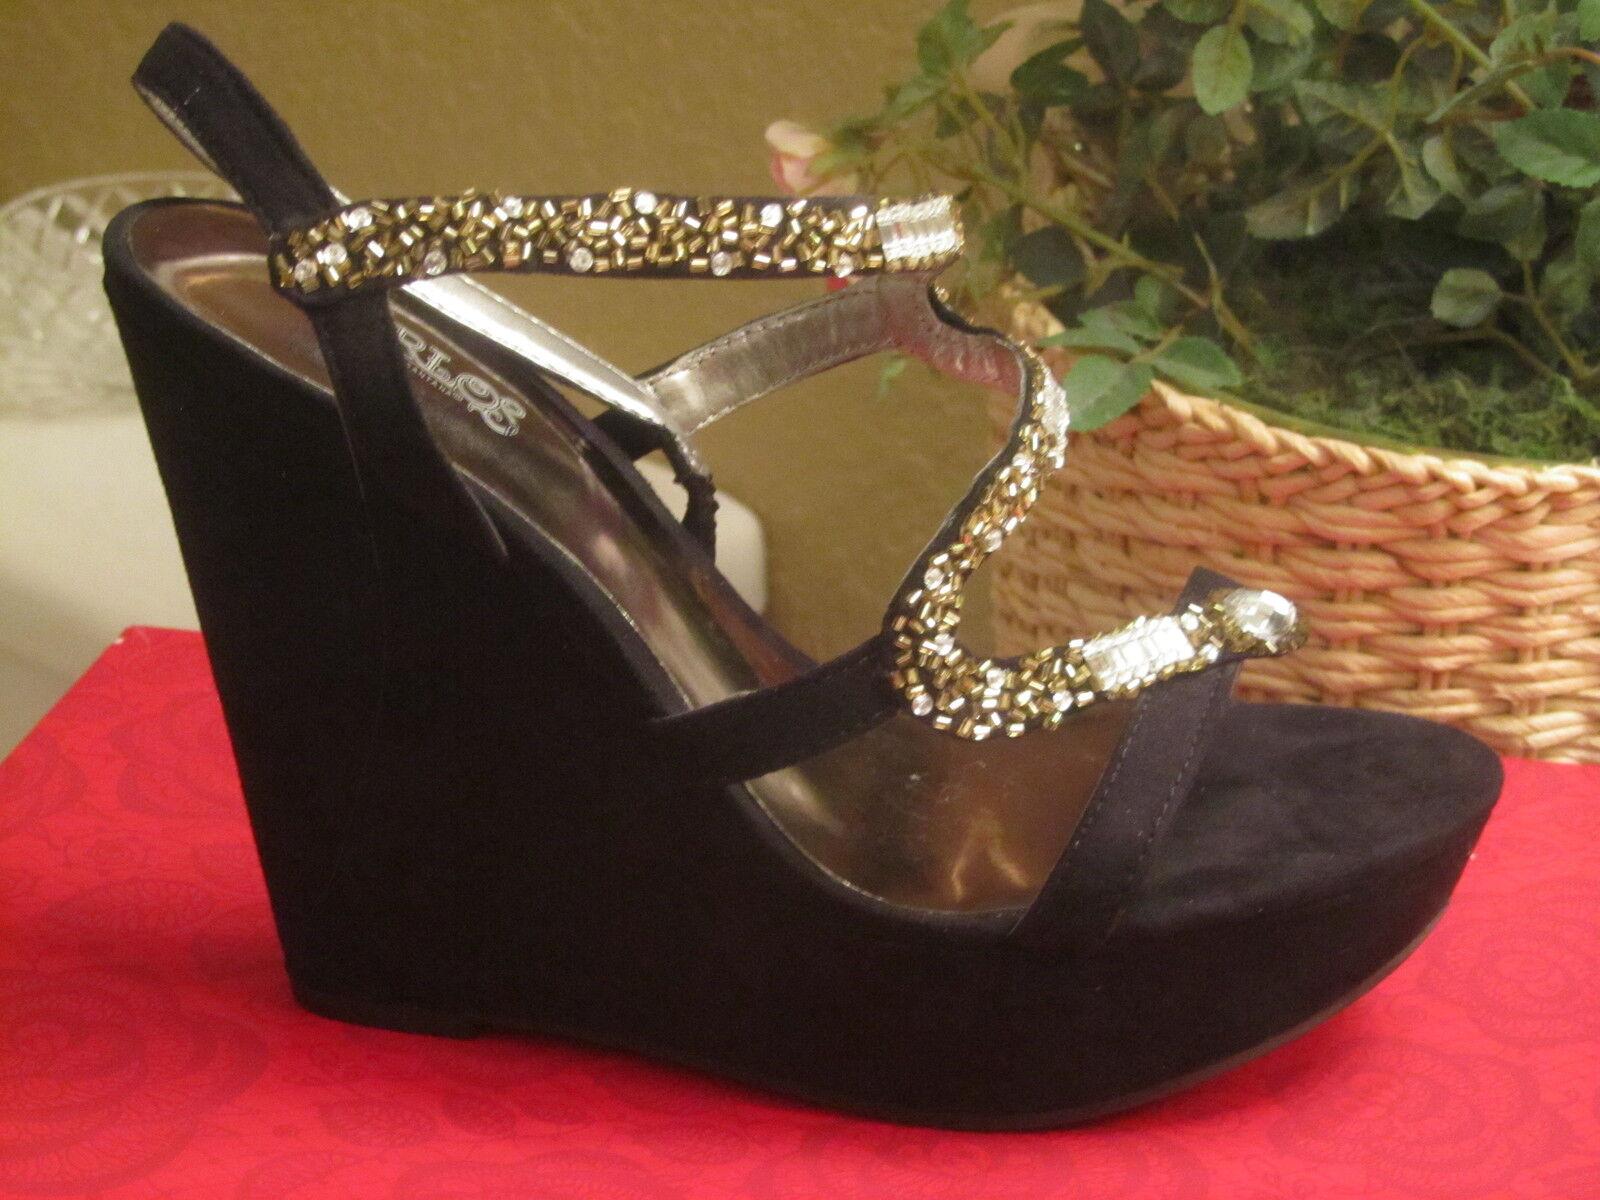 prezzi bassi di tutti i giorni CARLOS SANTANA  NWT  85 85 85 7.5 nero oro Donna scarpe wedge disco  100% di contro garanzia genuina